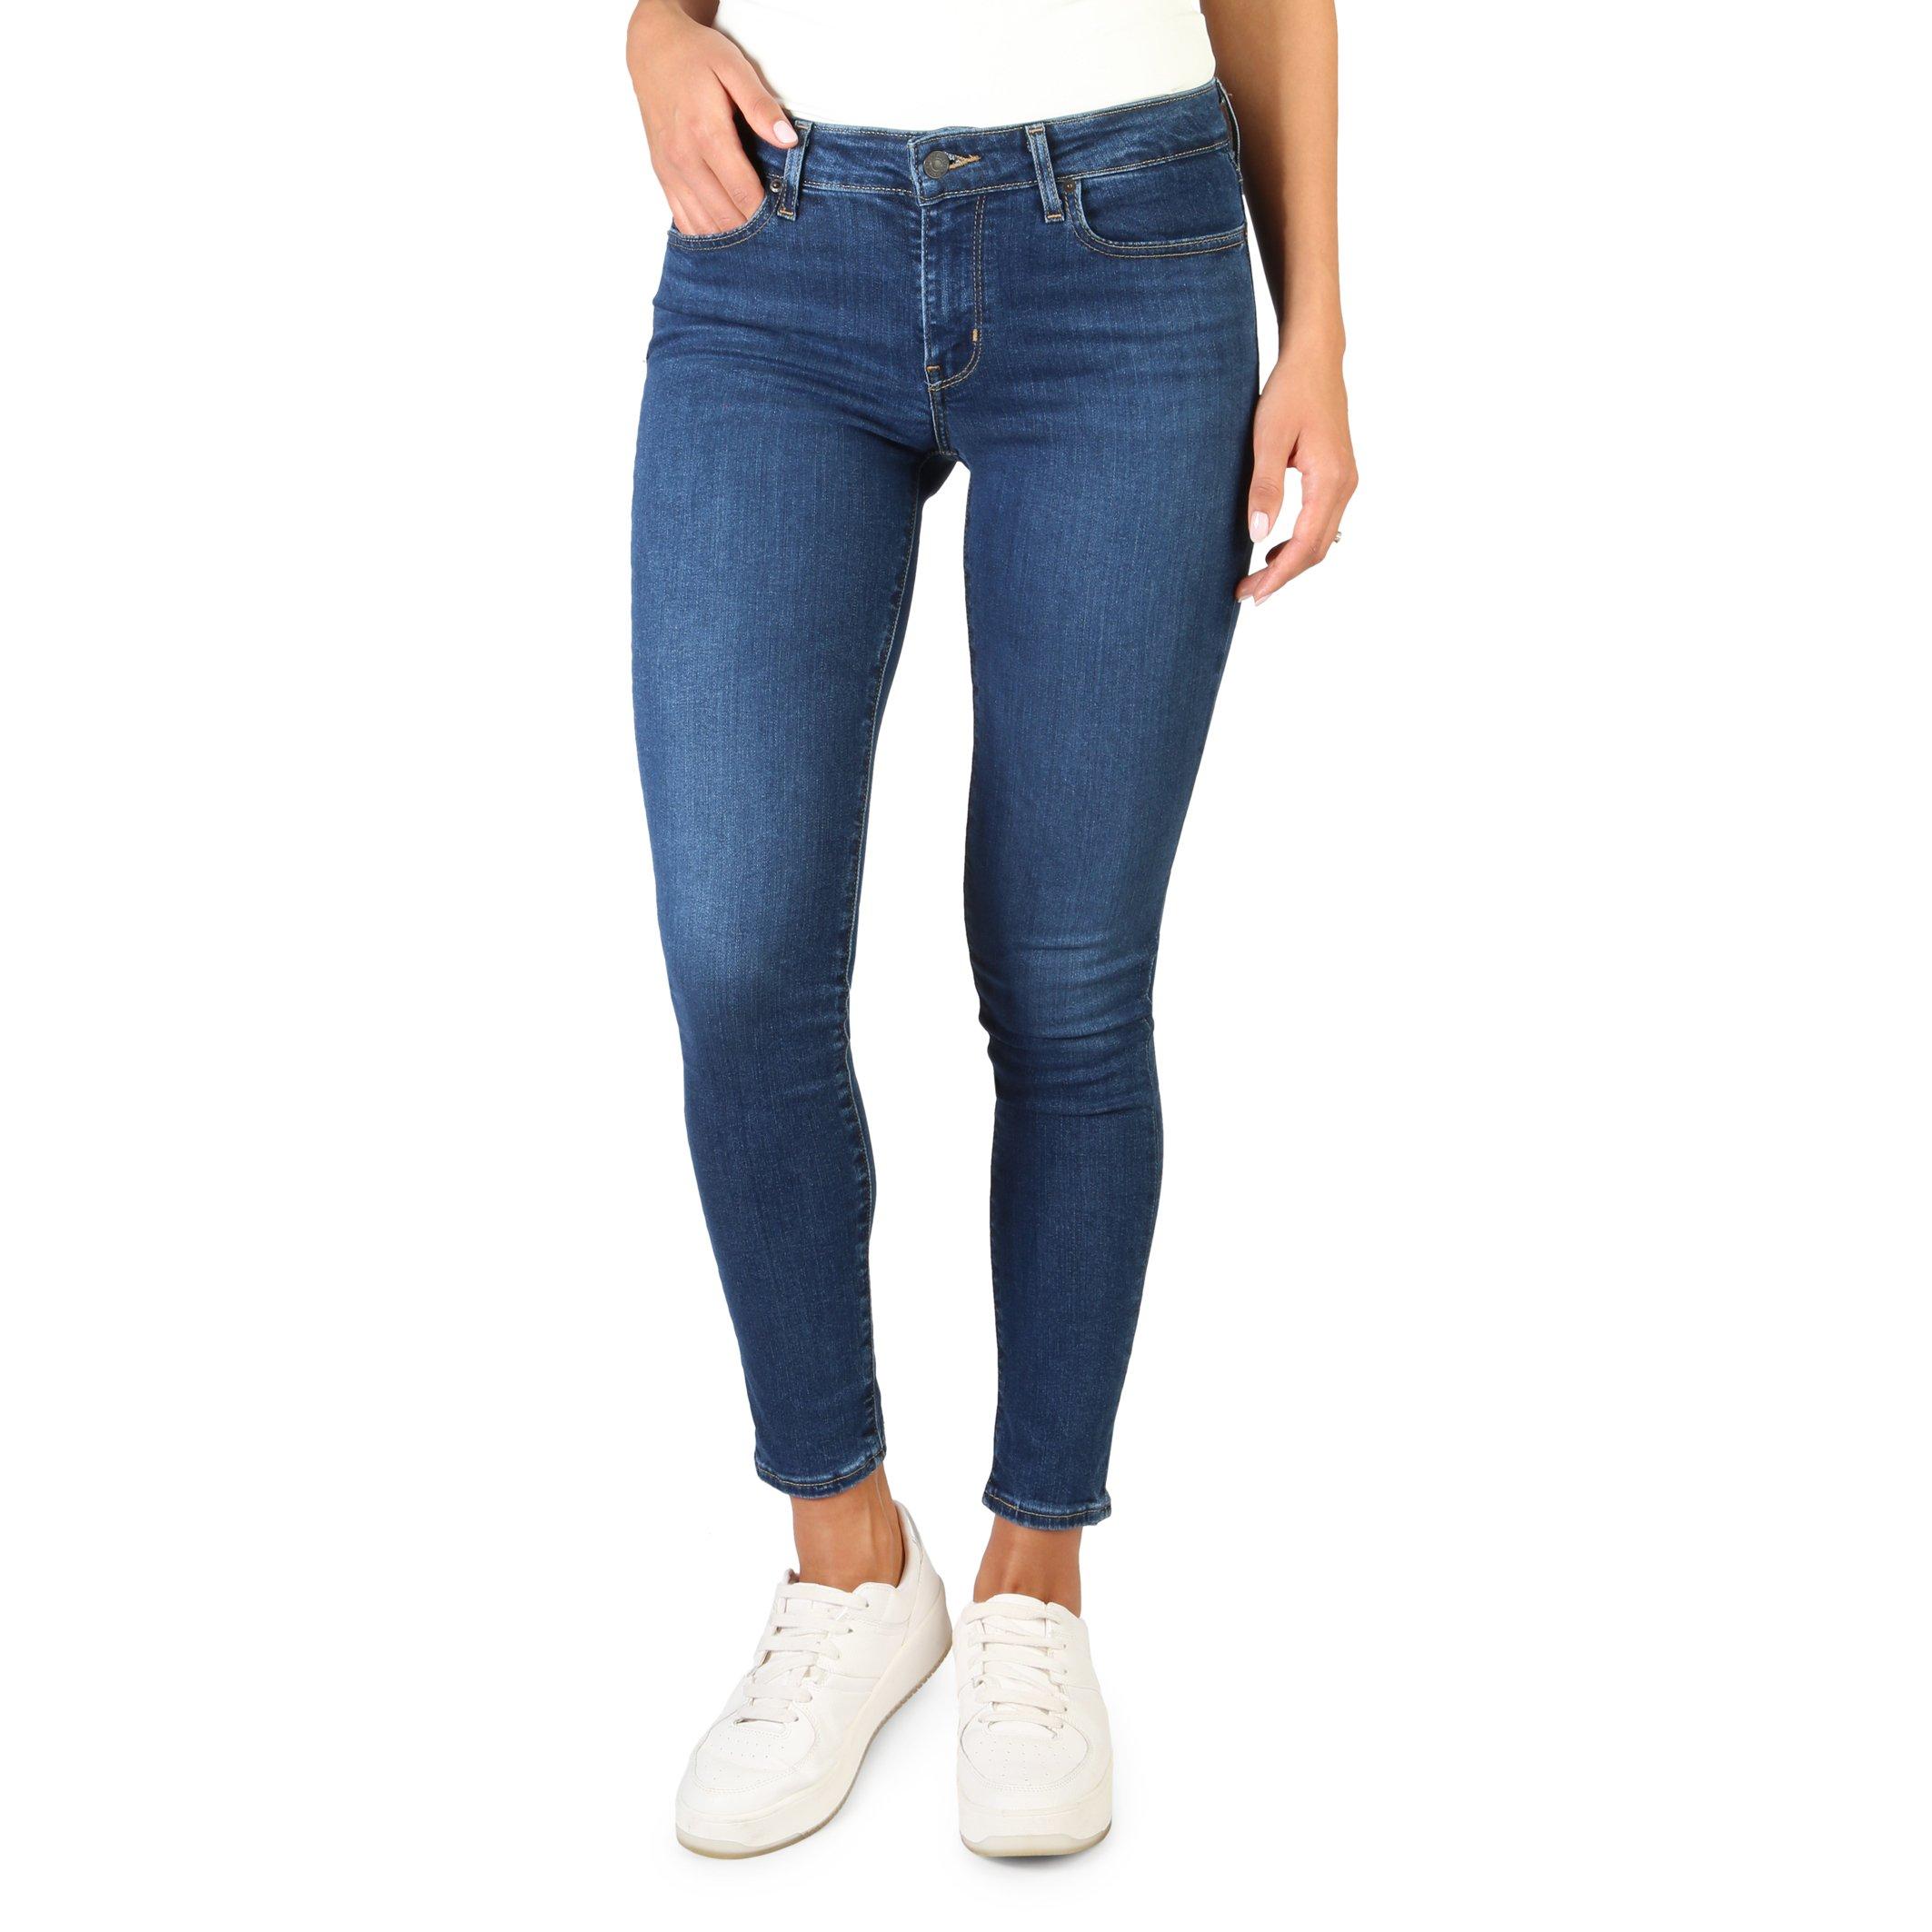 Levis Women's Jeans Blue 711-SKINNY - blue-1 27